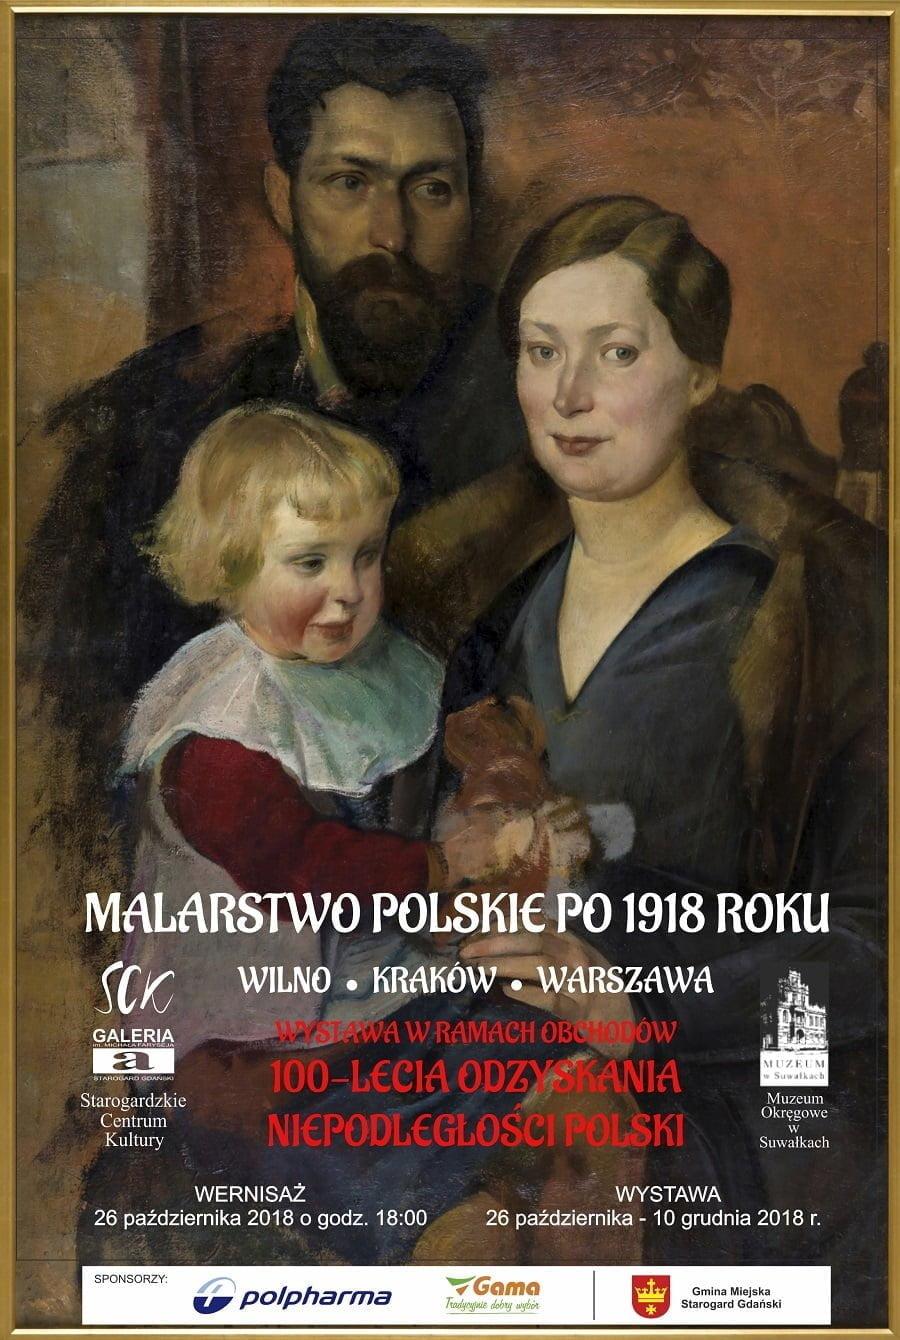 """SZTUKA POLSKA - Wystawa """"Malarstwo Polskie po 1918 r...."""" Wilno. Kraków. Warszawa."""